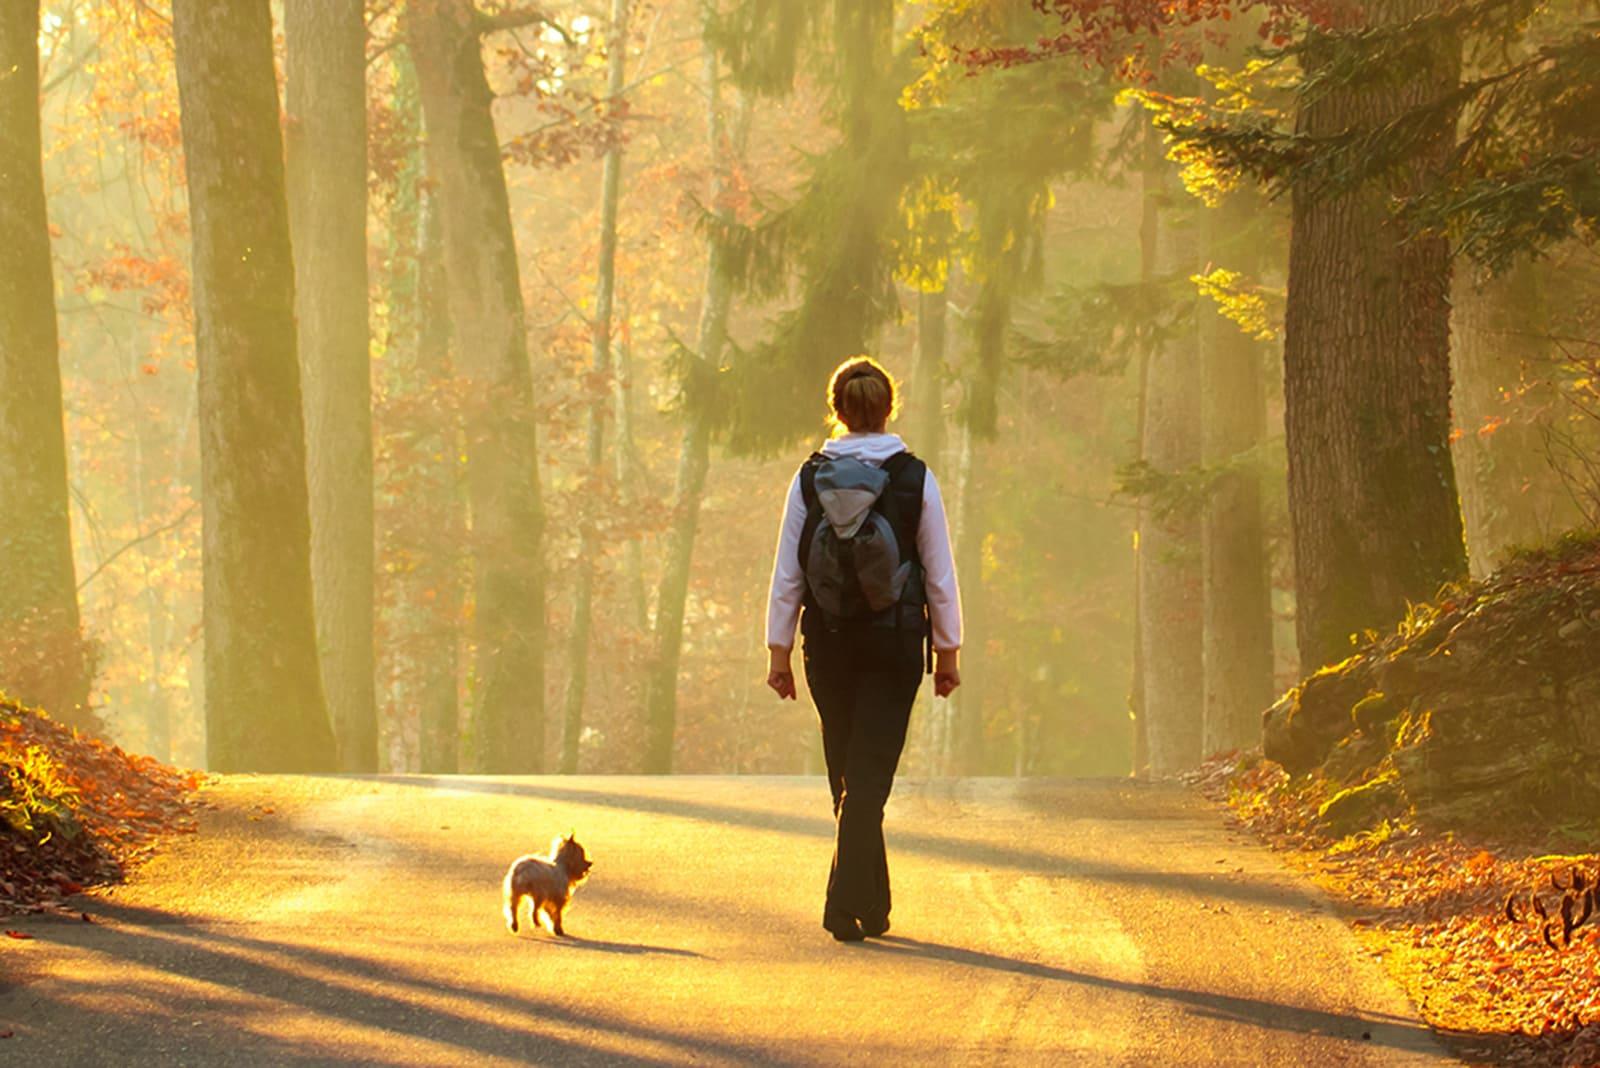 3 octombrie. Astăzi sărbătorim Ziua Mondială a mersului pe jos